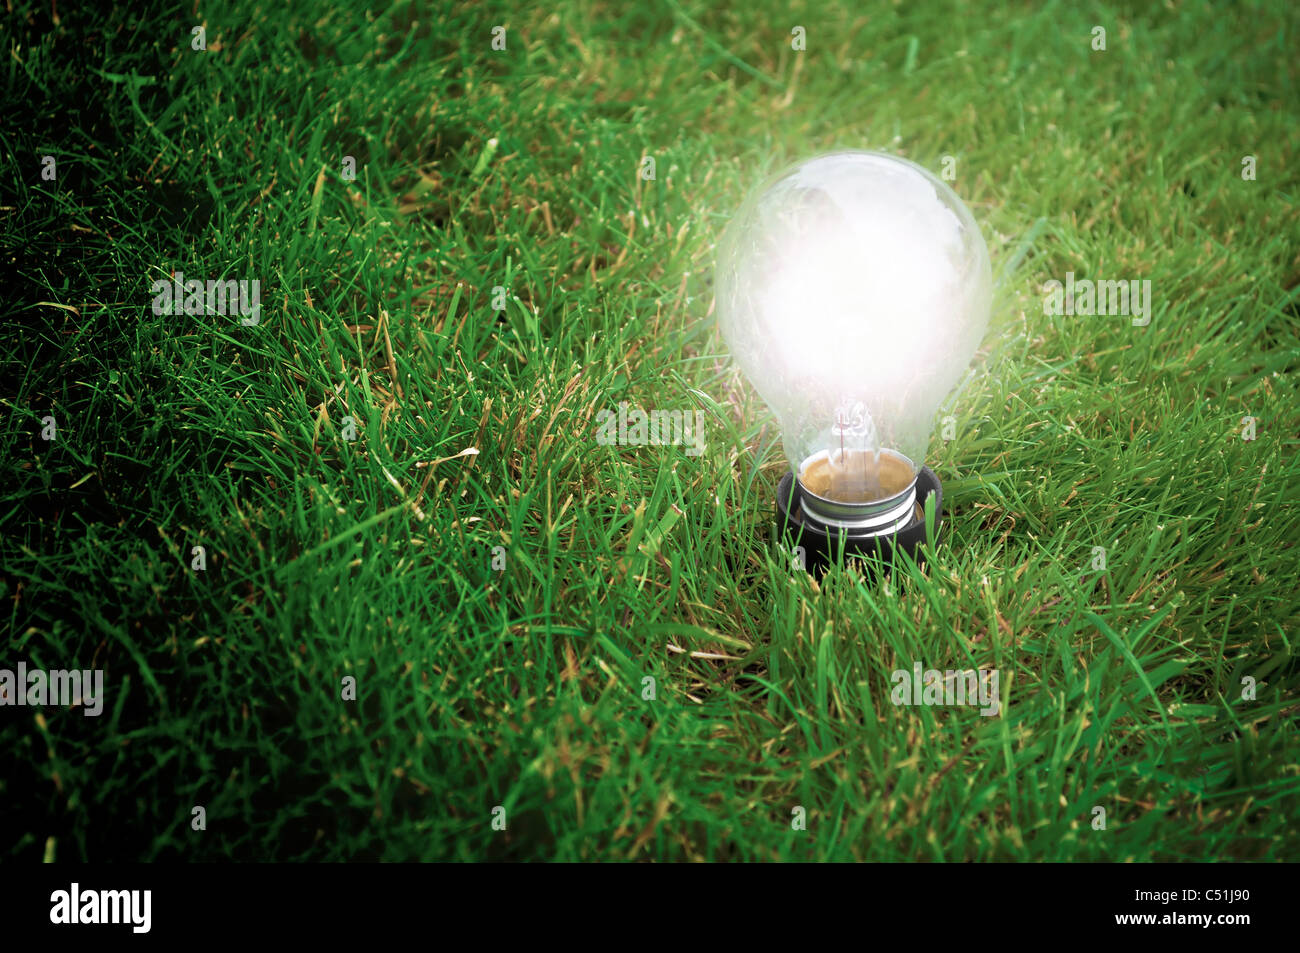 L'energia alternativa concetto - lampadina incandescente in erba di notte Immagini Stock